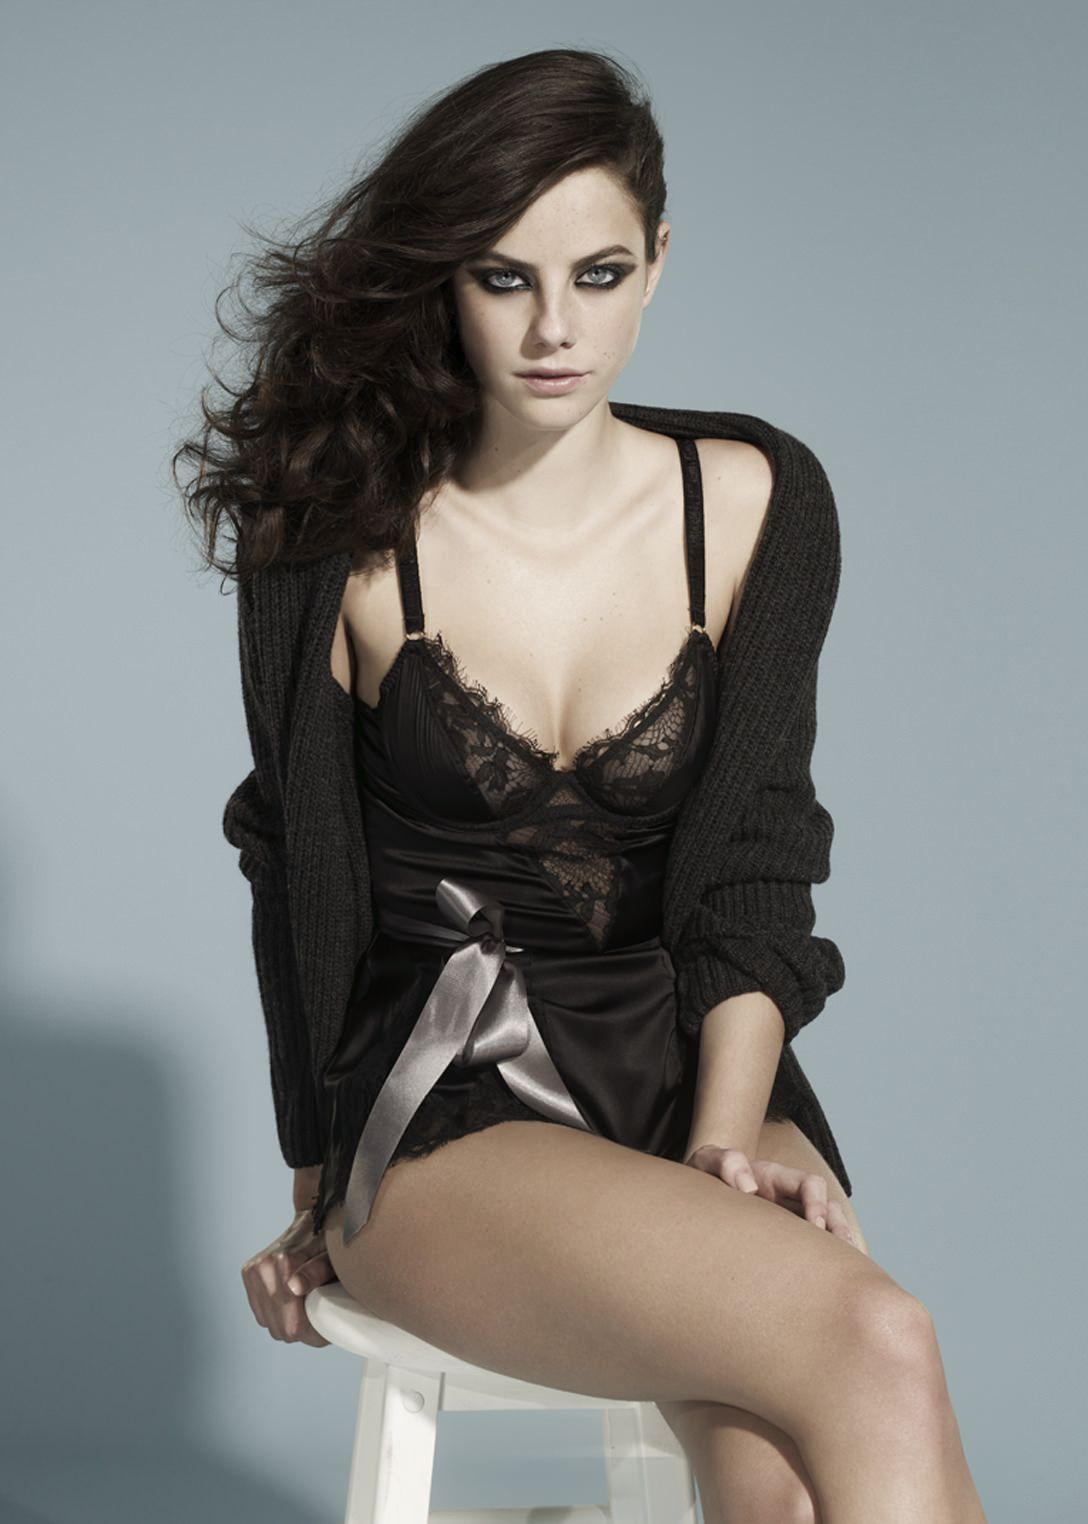 Kaya Scodelario (born 1992)